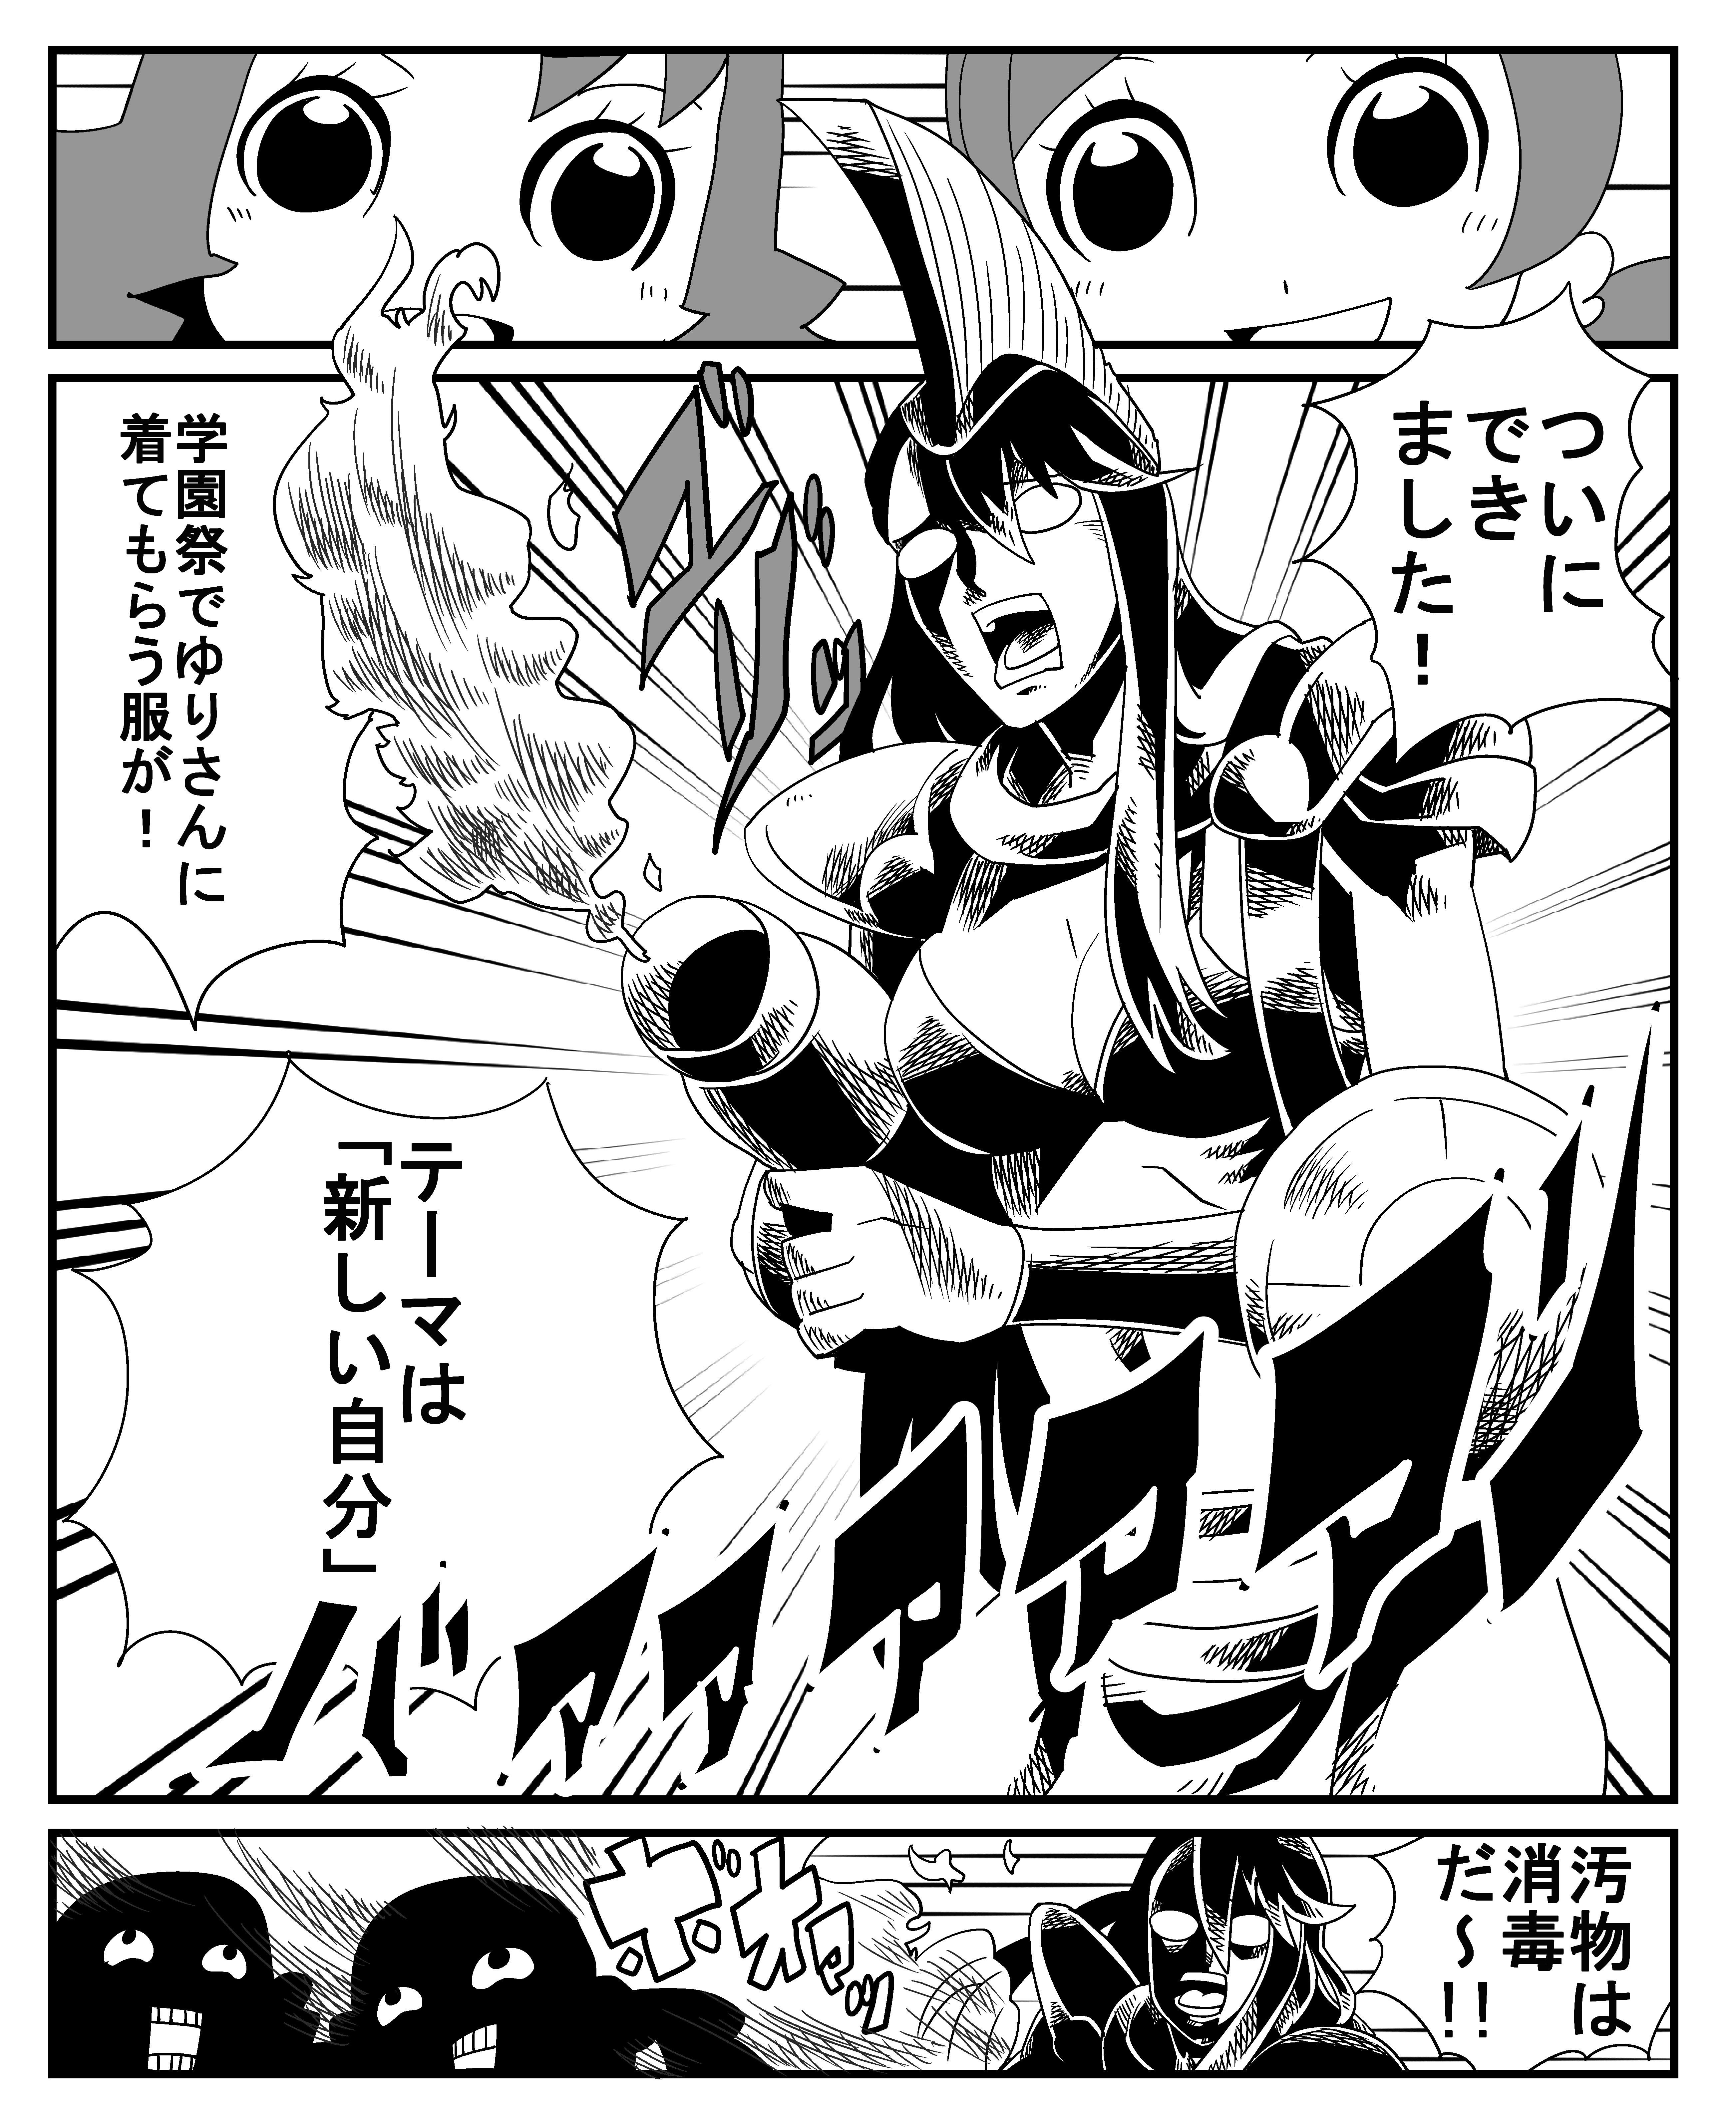 刀サンチーム (@KATANA77)さんのイラスト